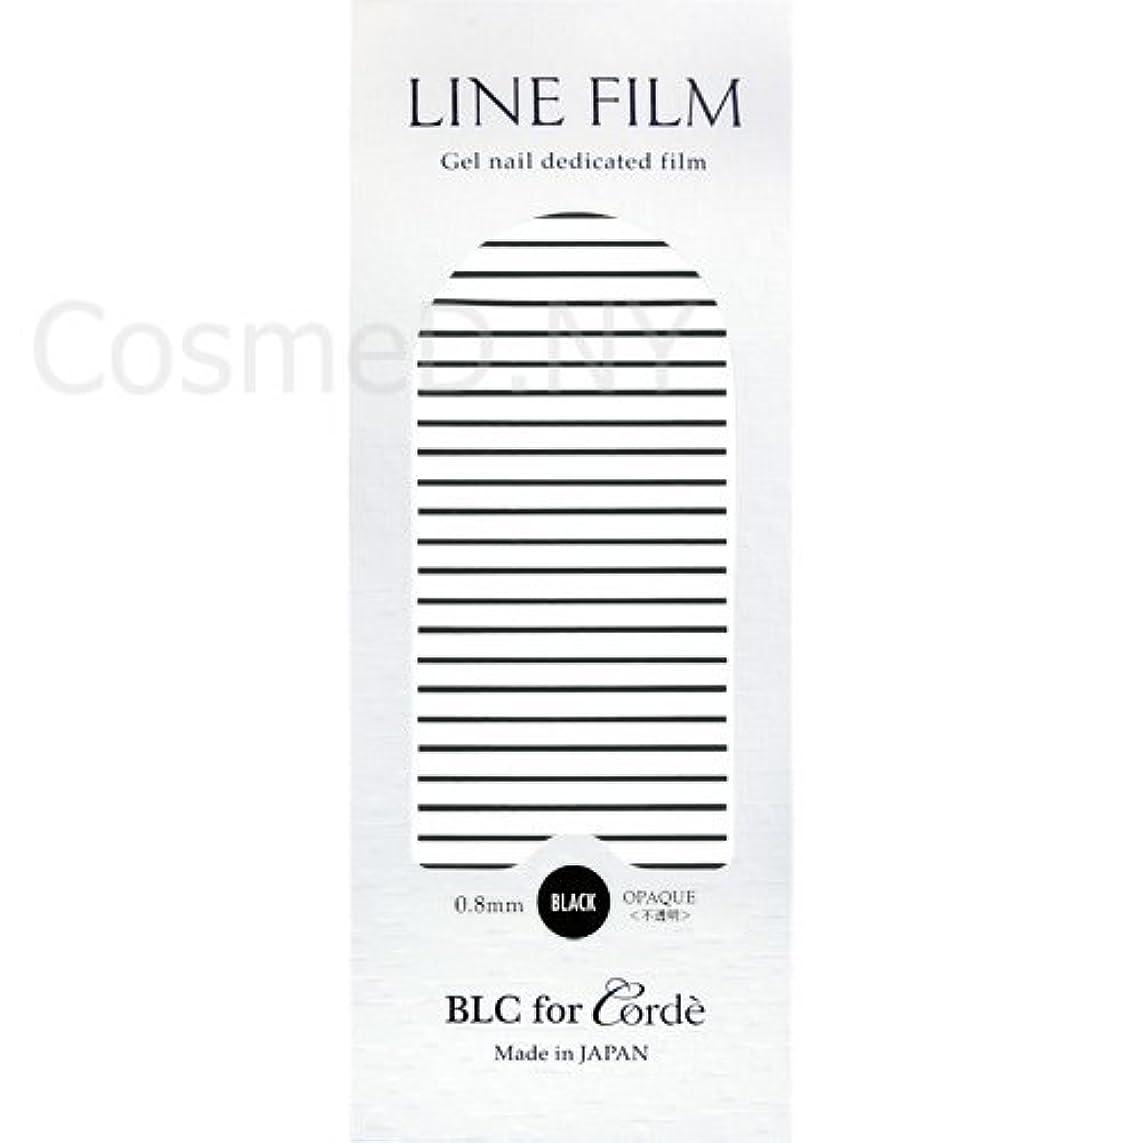 窒素彼は小売BLC for Corde(ビーエルシーフォーコーデ)ラインフィルム ブラック 0.8mm【ネイルアート、ネイルシール】